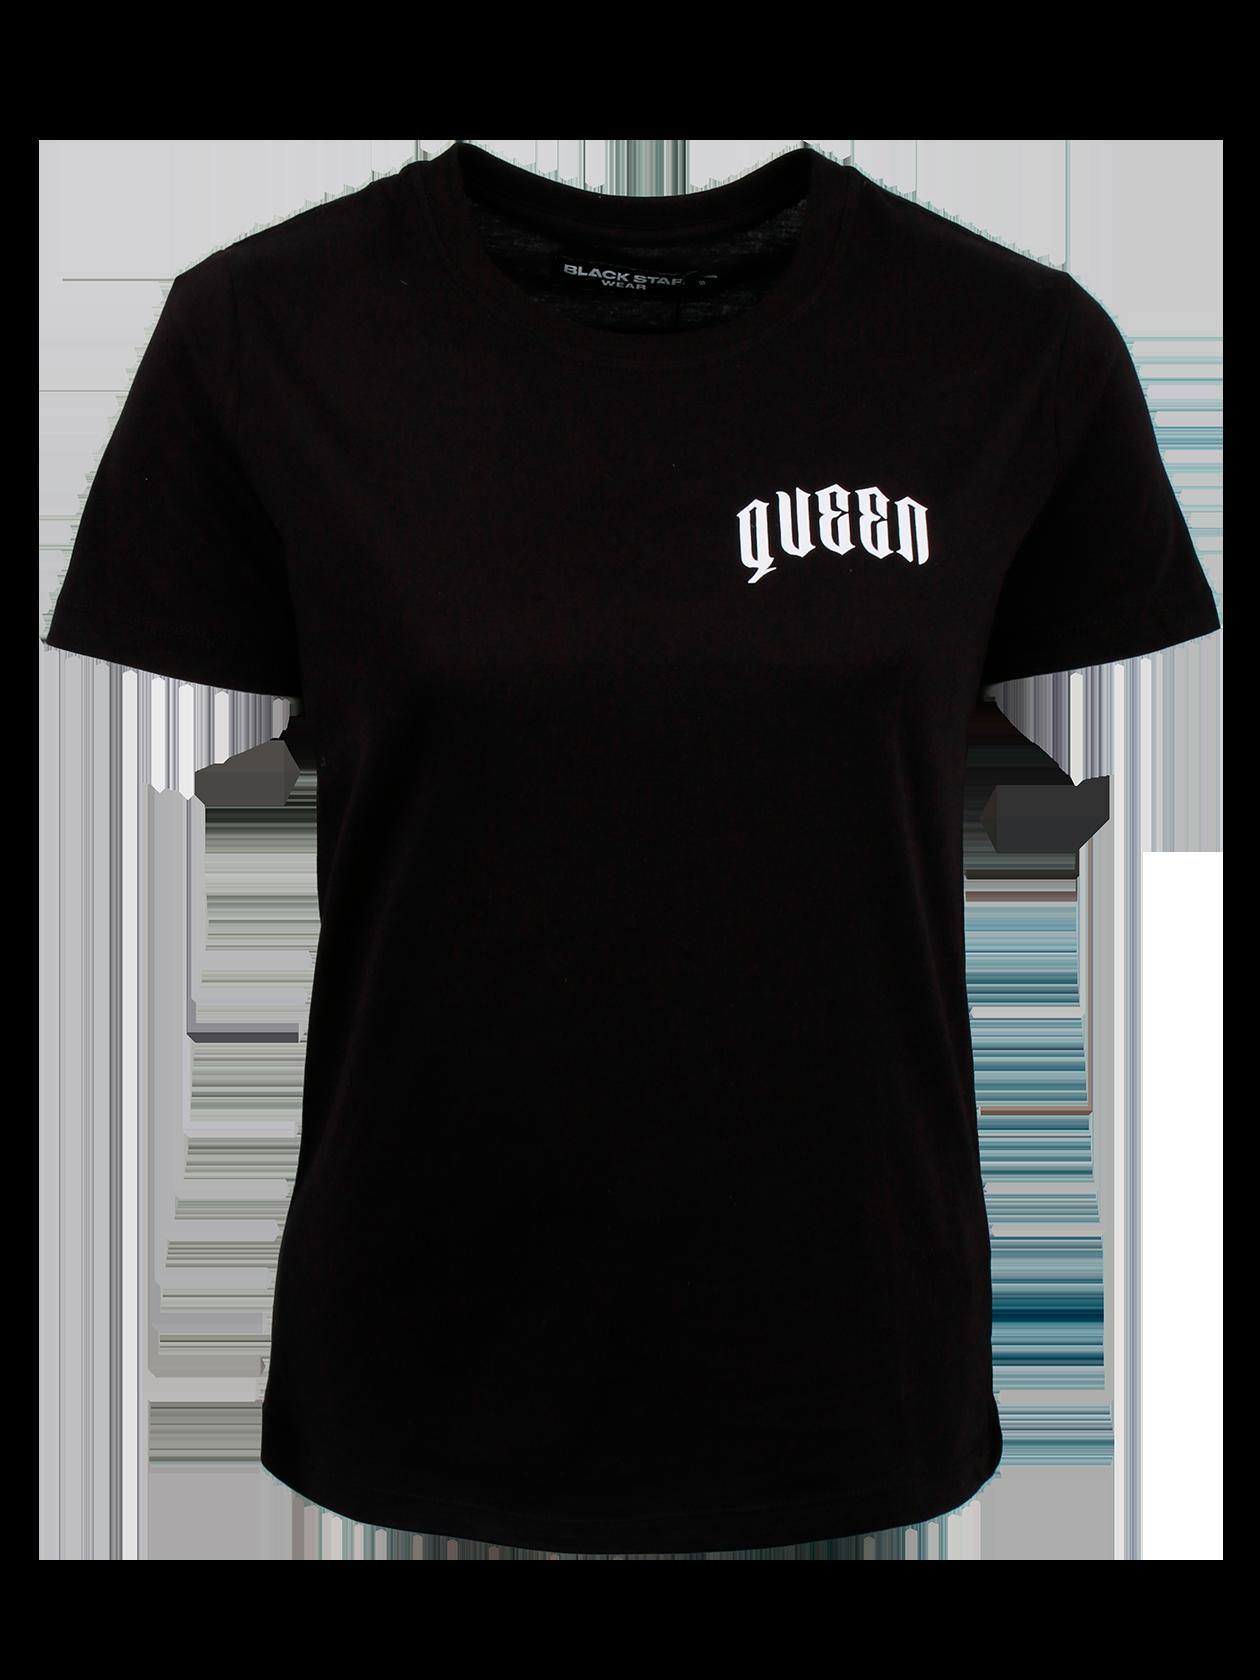 Футболка женская QUEENСтильная футболка женская Queen идеально впишется в повседневный и спортивный стиль. Модель представлена в практичной черной расцветке, обладает лаконичным кроем. Оптимальная длина, небольшой рукав, округлая горловина с эластичной окантовкой. Внутри имеется фирменная нашивка с логотипом бренда Black Star Wear. Дизайн дополнен контрастными надписями белыми буквами Queen 13 на спине и на груди. Футболка изготовлена из натурального хлопка класса «премиум».<br><br>Размер: L<br>Цвет: Черный<br>Пол: Женский